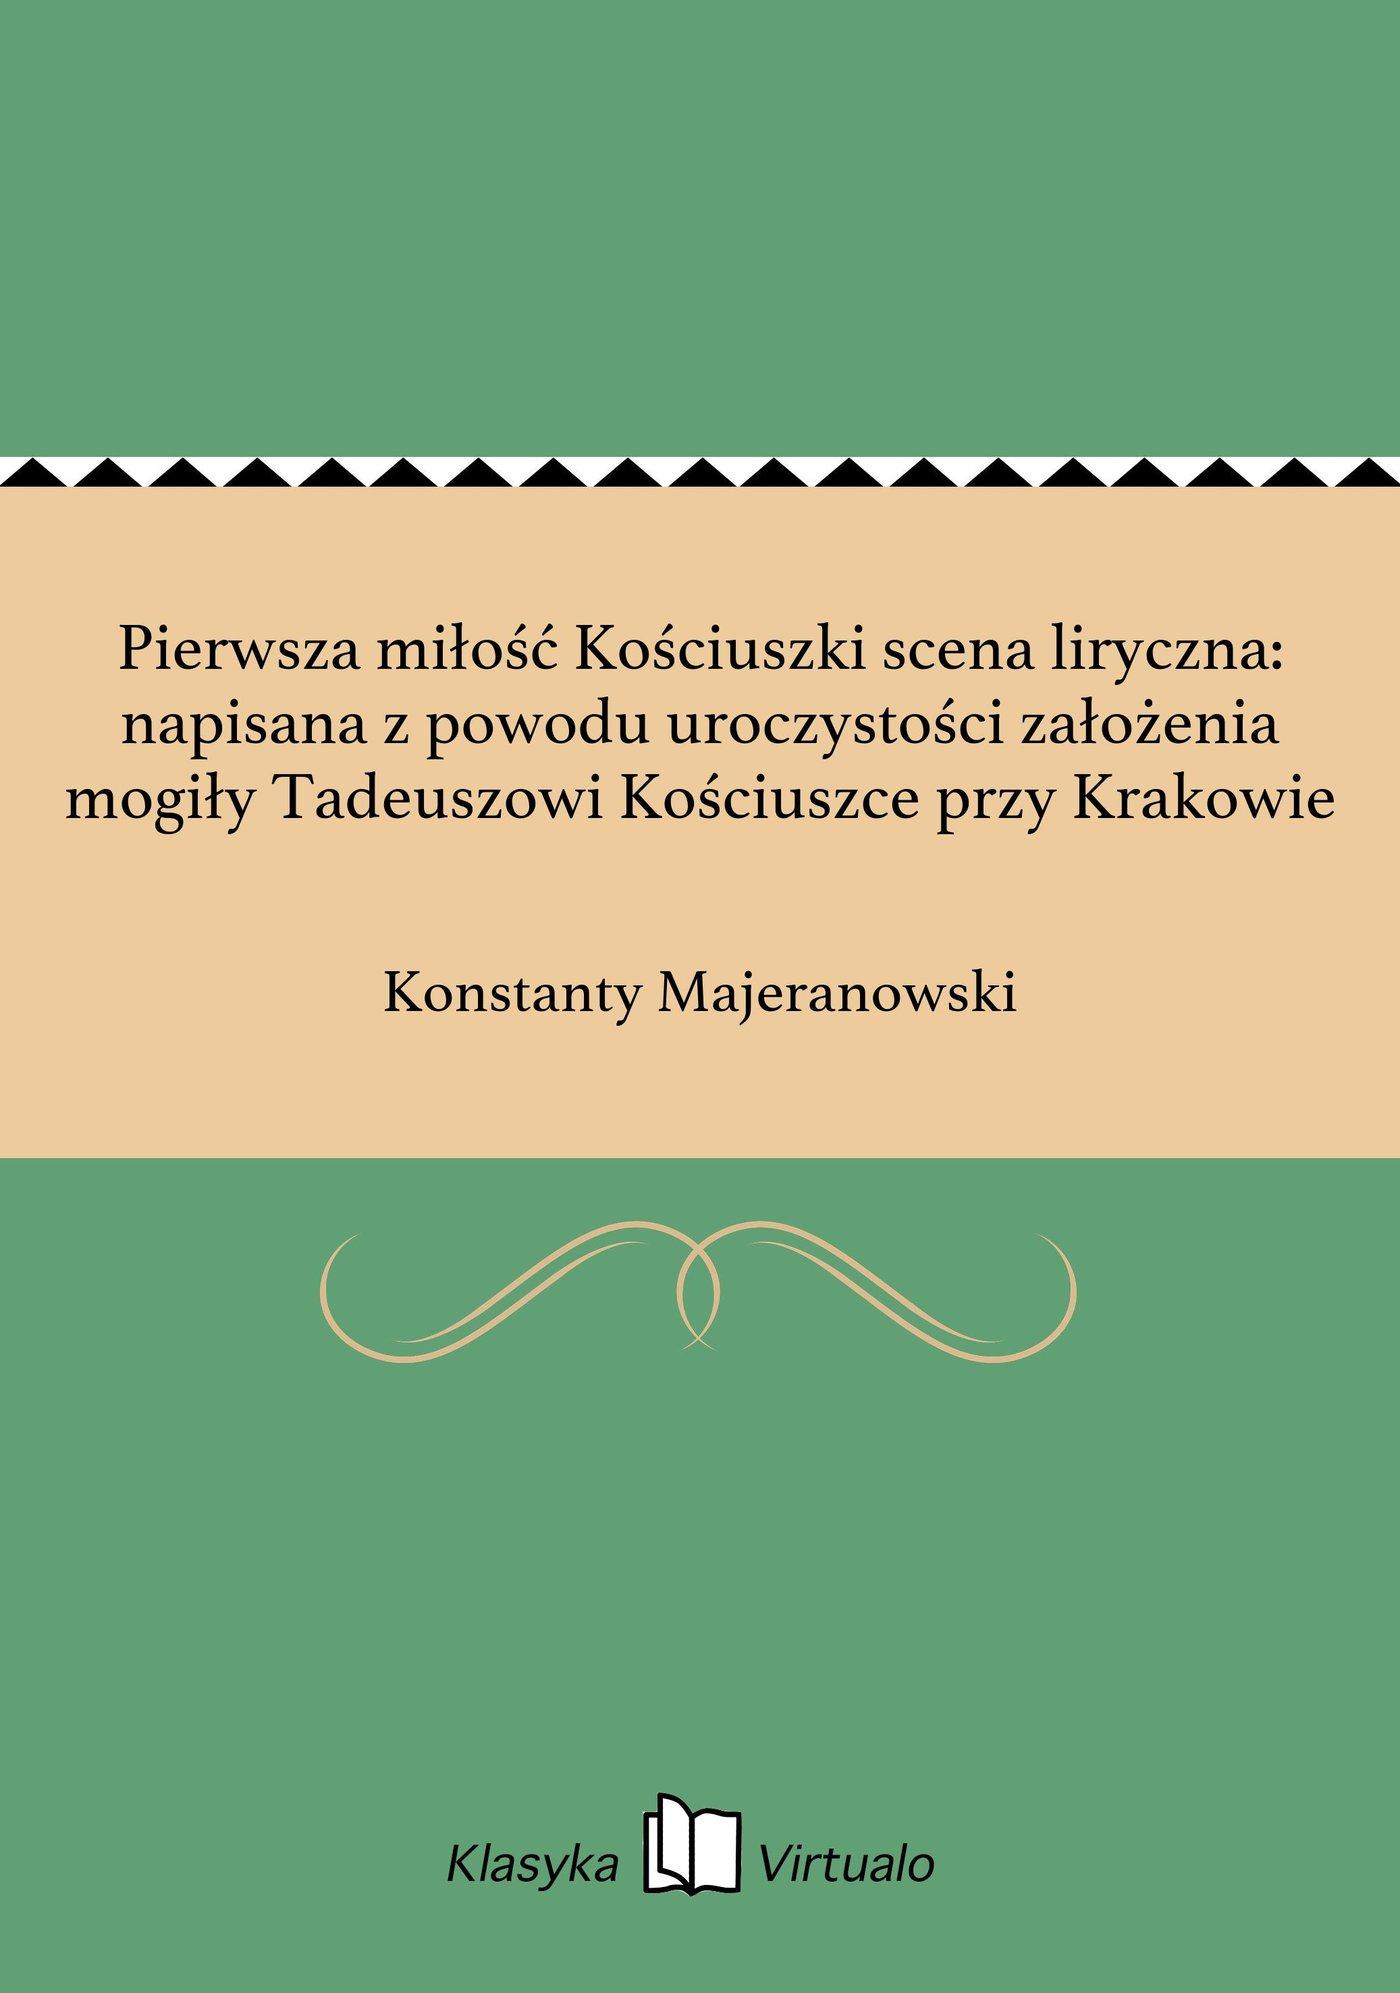 Pierwsza miłość Kościuszki scena liryczna: napisana z powodu uroczystości założenia mogiły Tadeuszowi Kościuszce przy Krakowie - Ebook (Książka EPUB) do pobrania w formacie EPUB